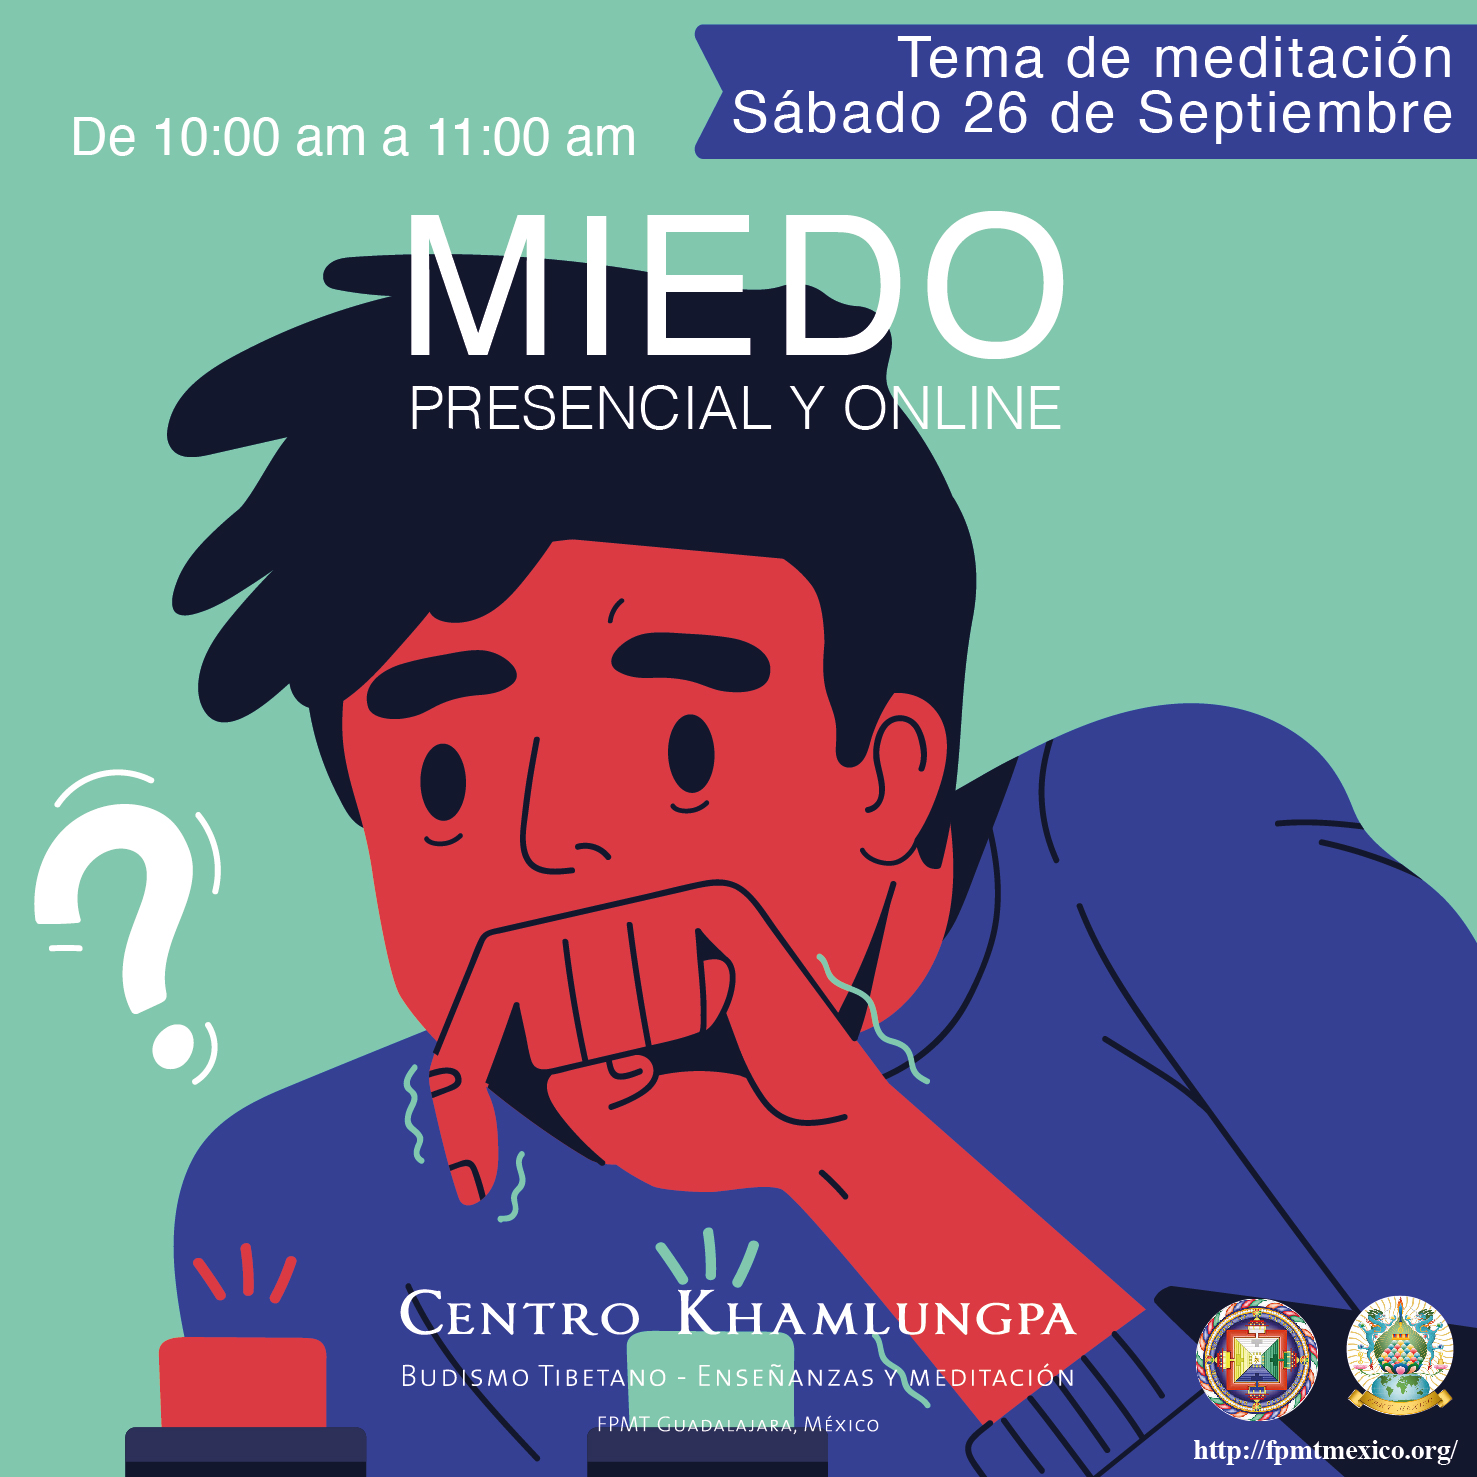 CONFERENCIA_CENTRO_KHAMLUNGPA_MIEDO